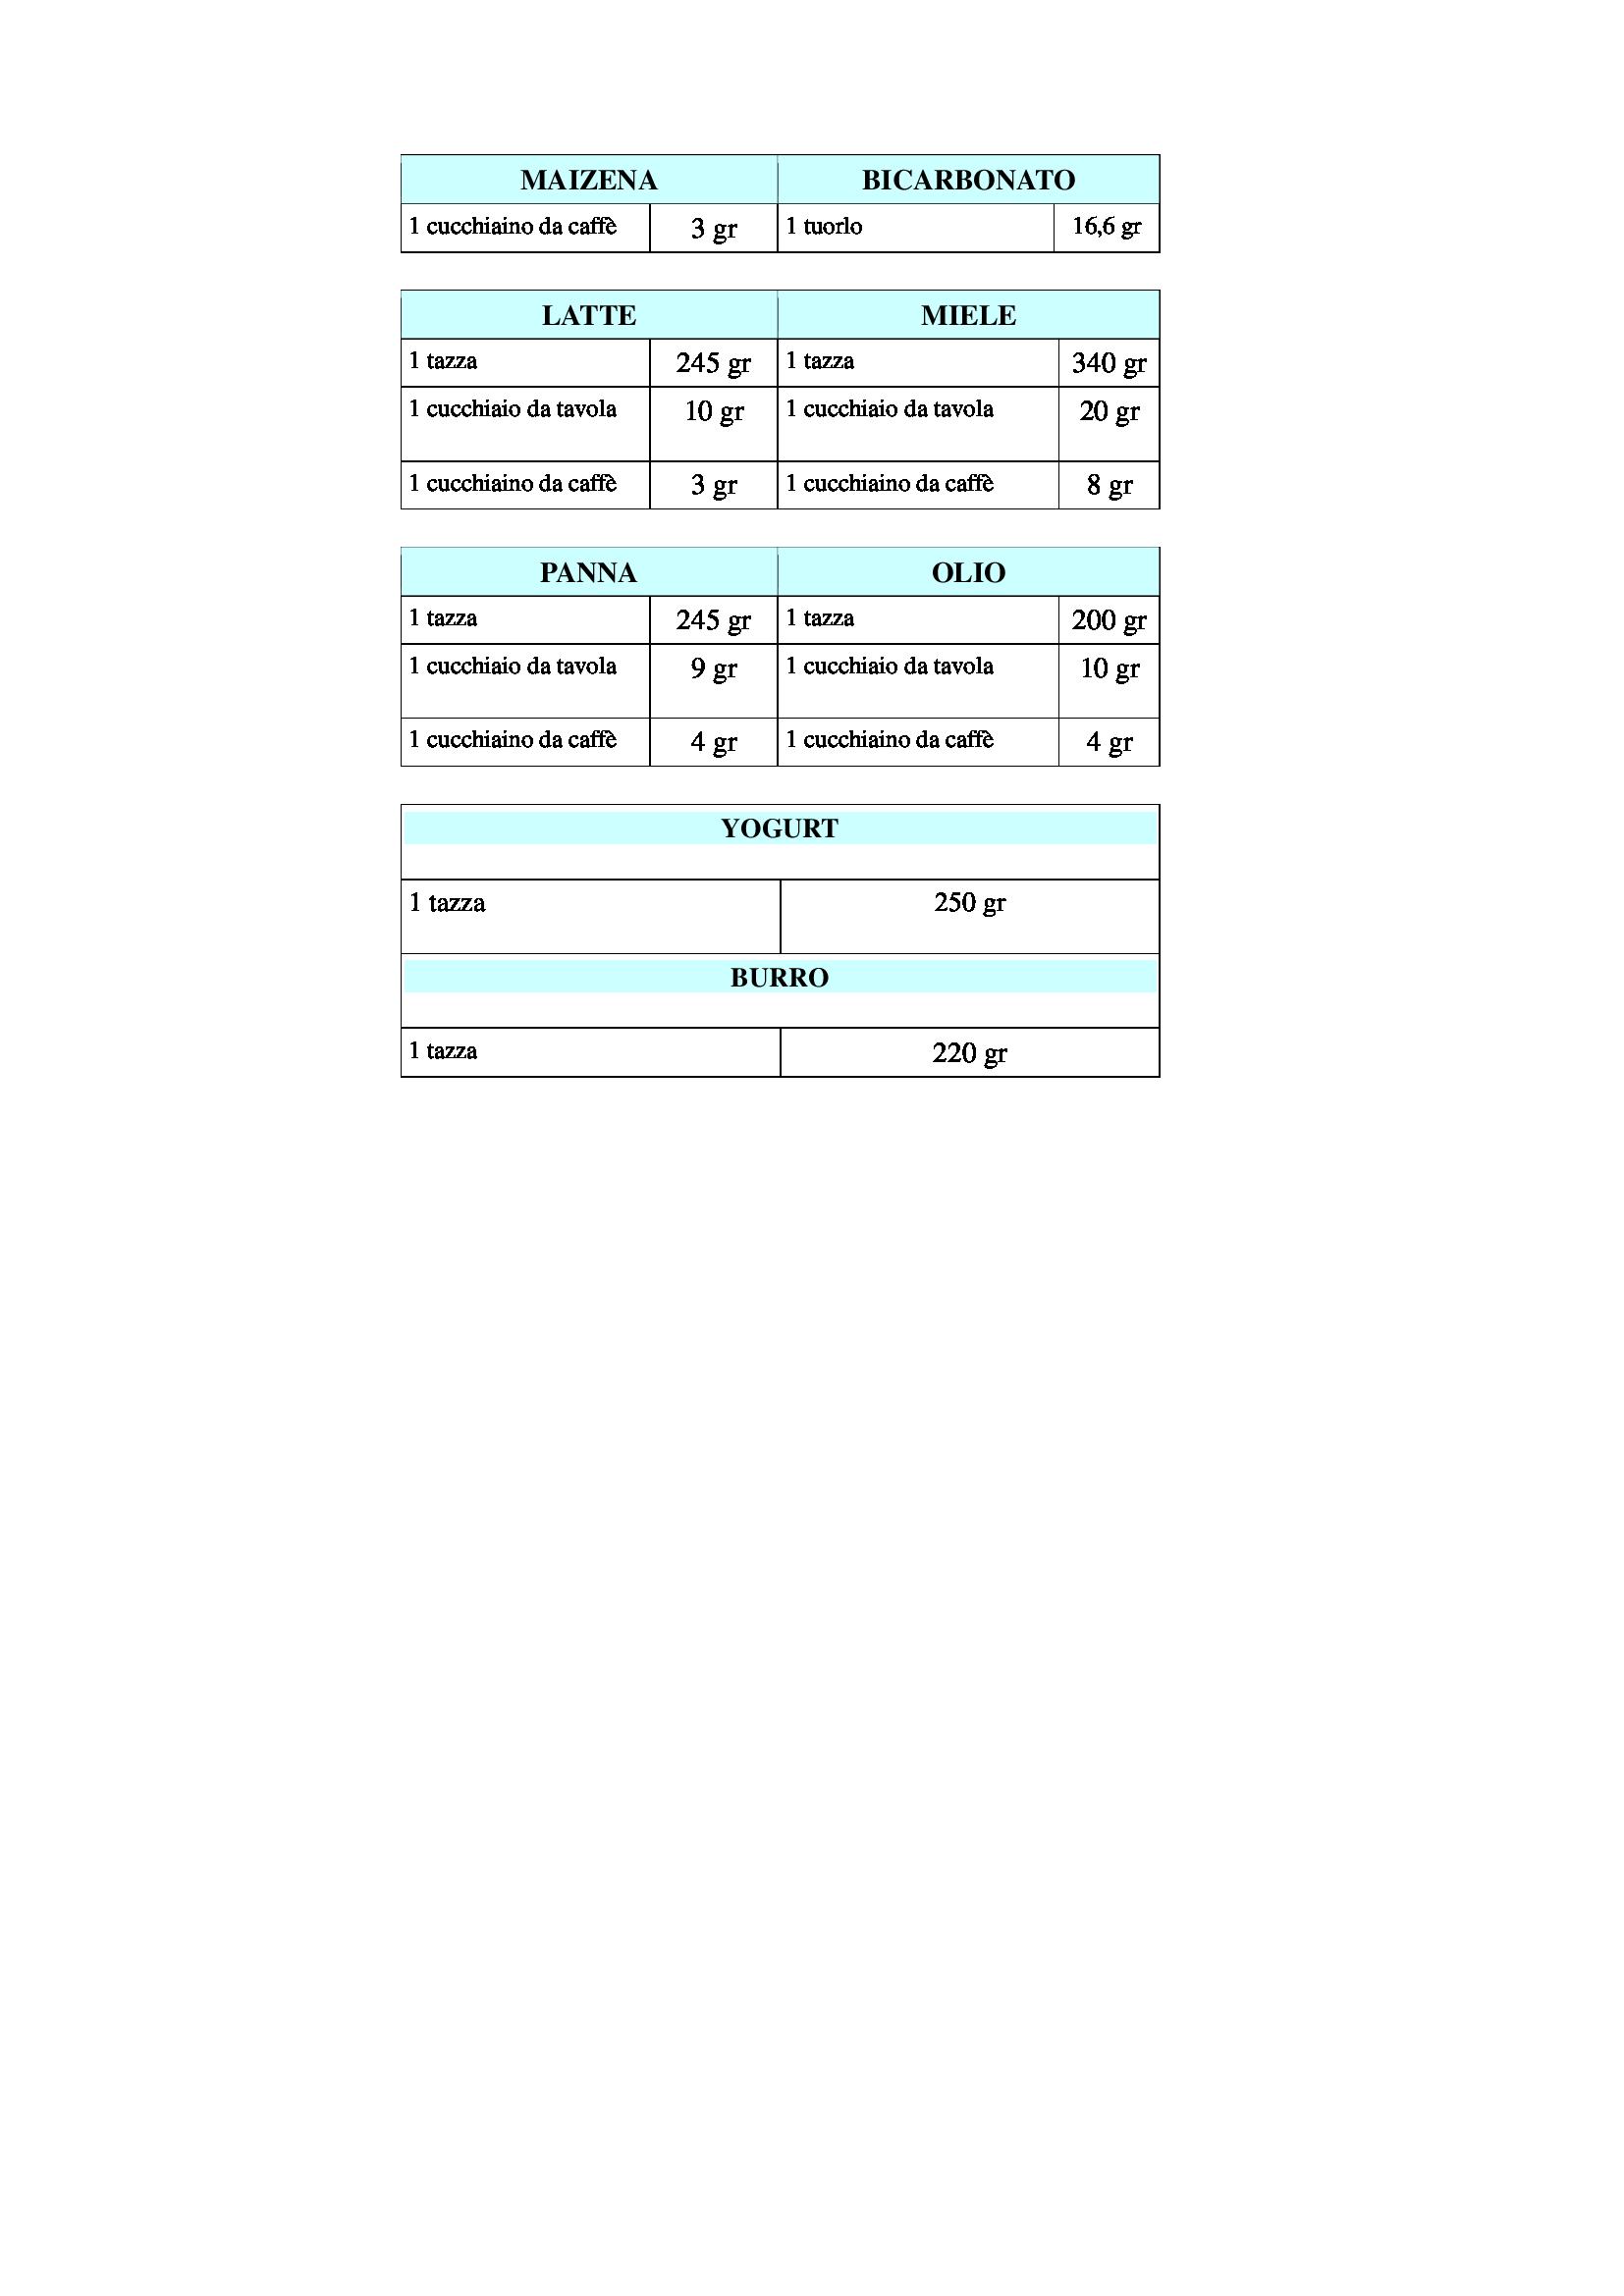 tabella-conversione-misure